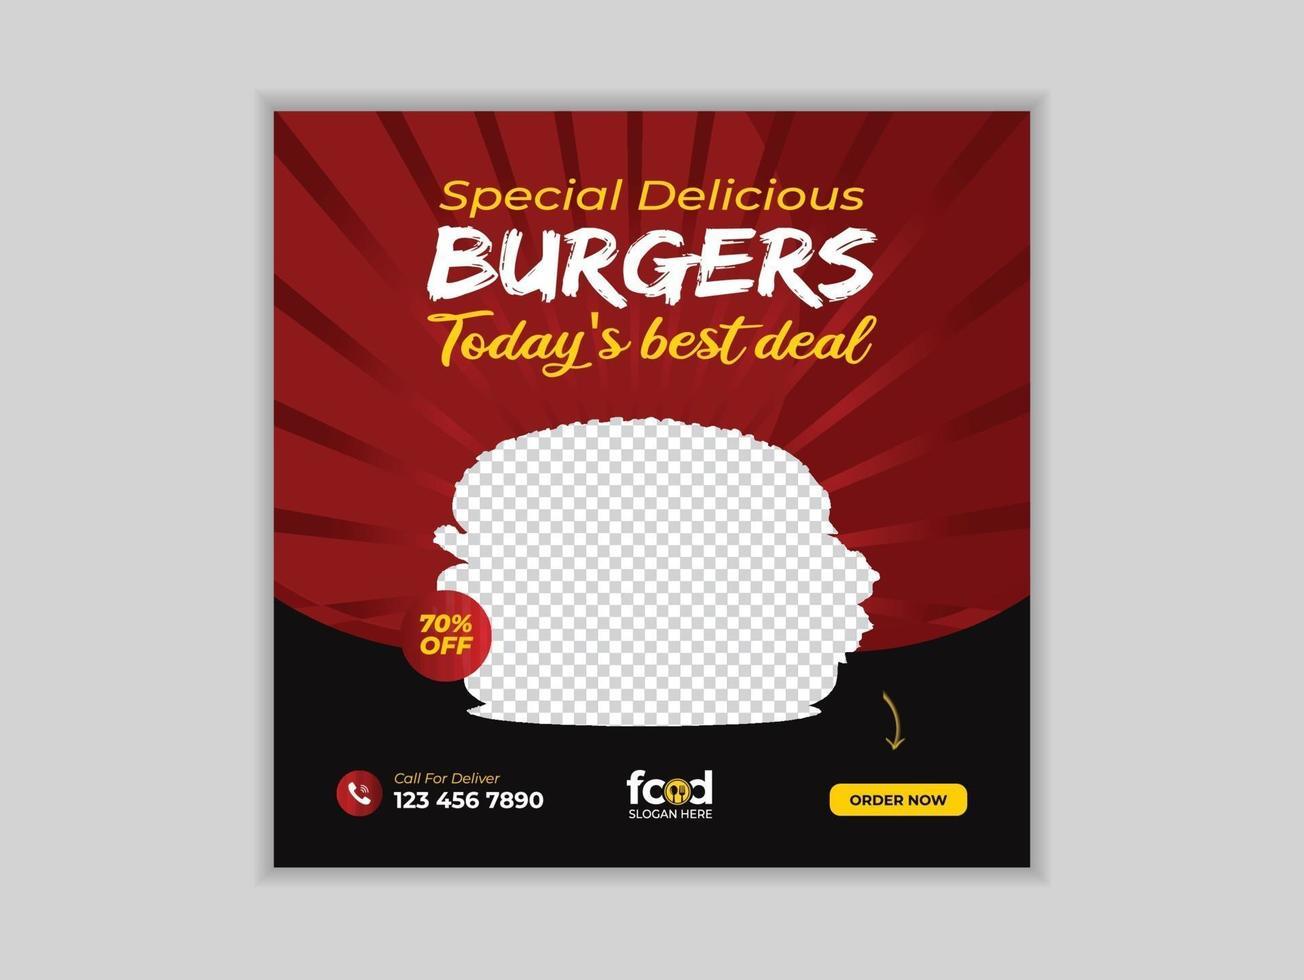 mat sociala medier marknadsföring post banner vektor